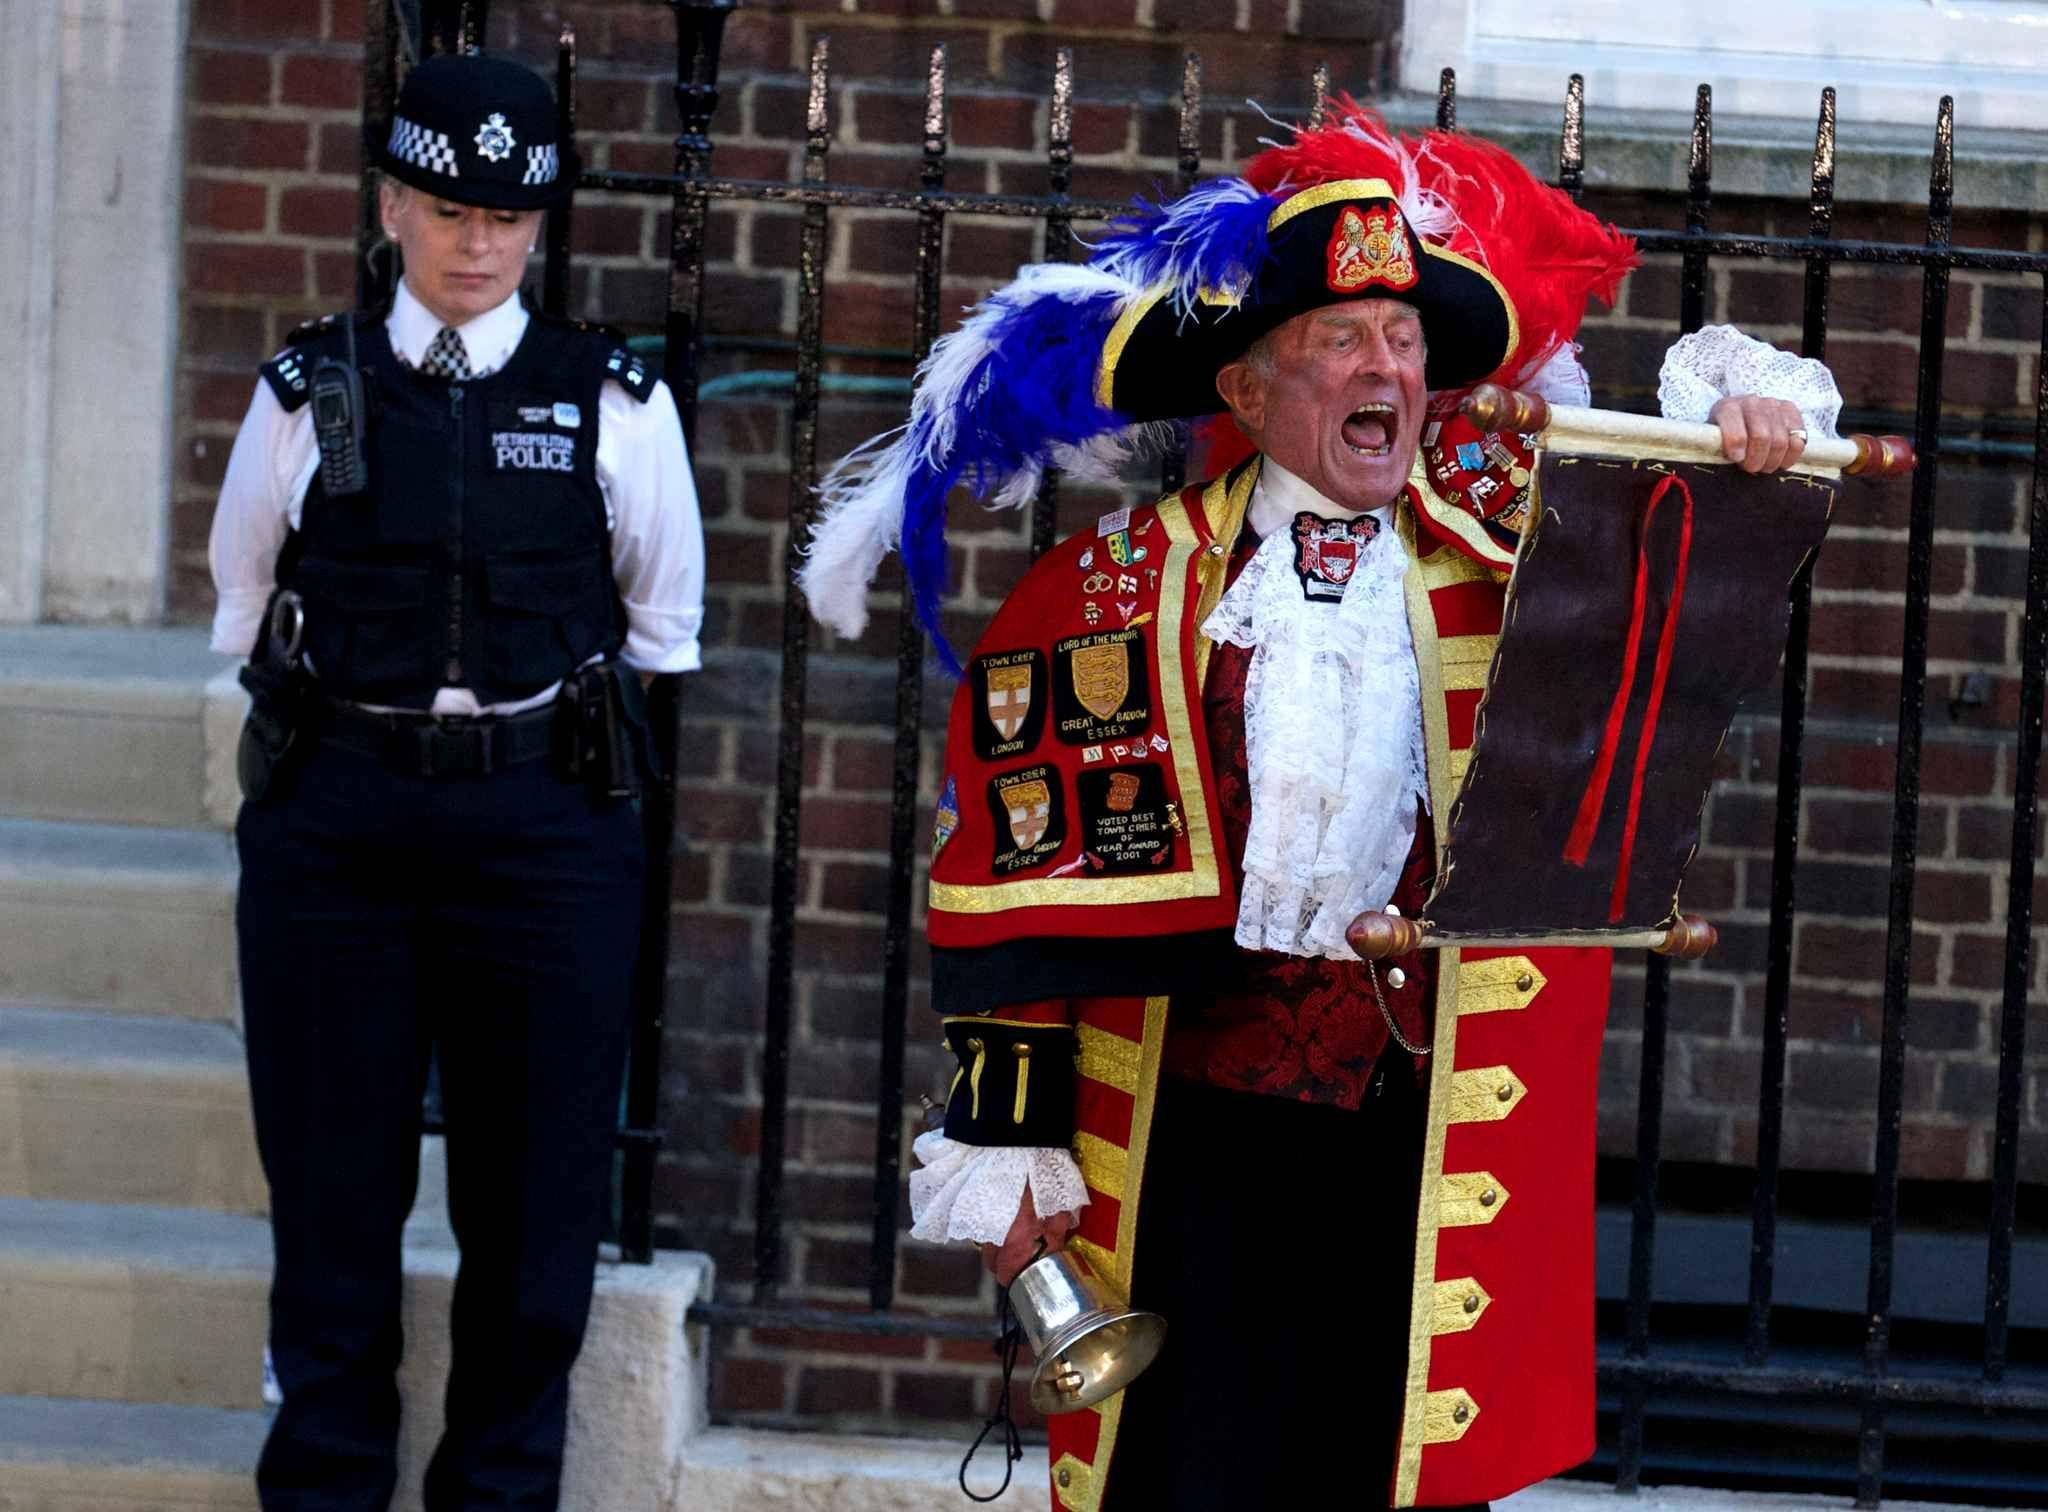 «It's a boy». Un nouvel héritier de la couronne d'Angleterre a pointé le bout de son nez le 22 juillet à Londres. Dans la plupart des foyers britanniques, les bouchons de Champagne ont sauté et les larmes de joie ont coulé. Pour que les us et coutumes soient bien respectés, l'annonce a d'abord été faite à la reine, puis un crieur de rues s'est fait la voix devant l'hôpital Saint Mary où la duchesse de Cambridge a donné naissance à son premier bébé. #RoyalBaby #Itsaboy